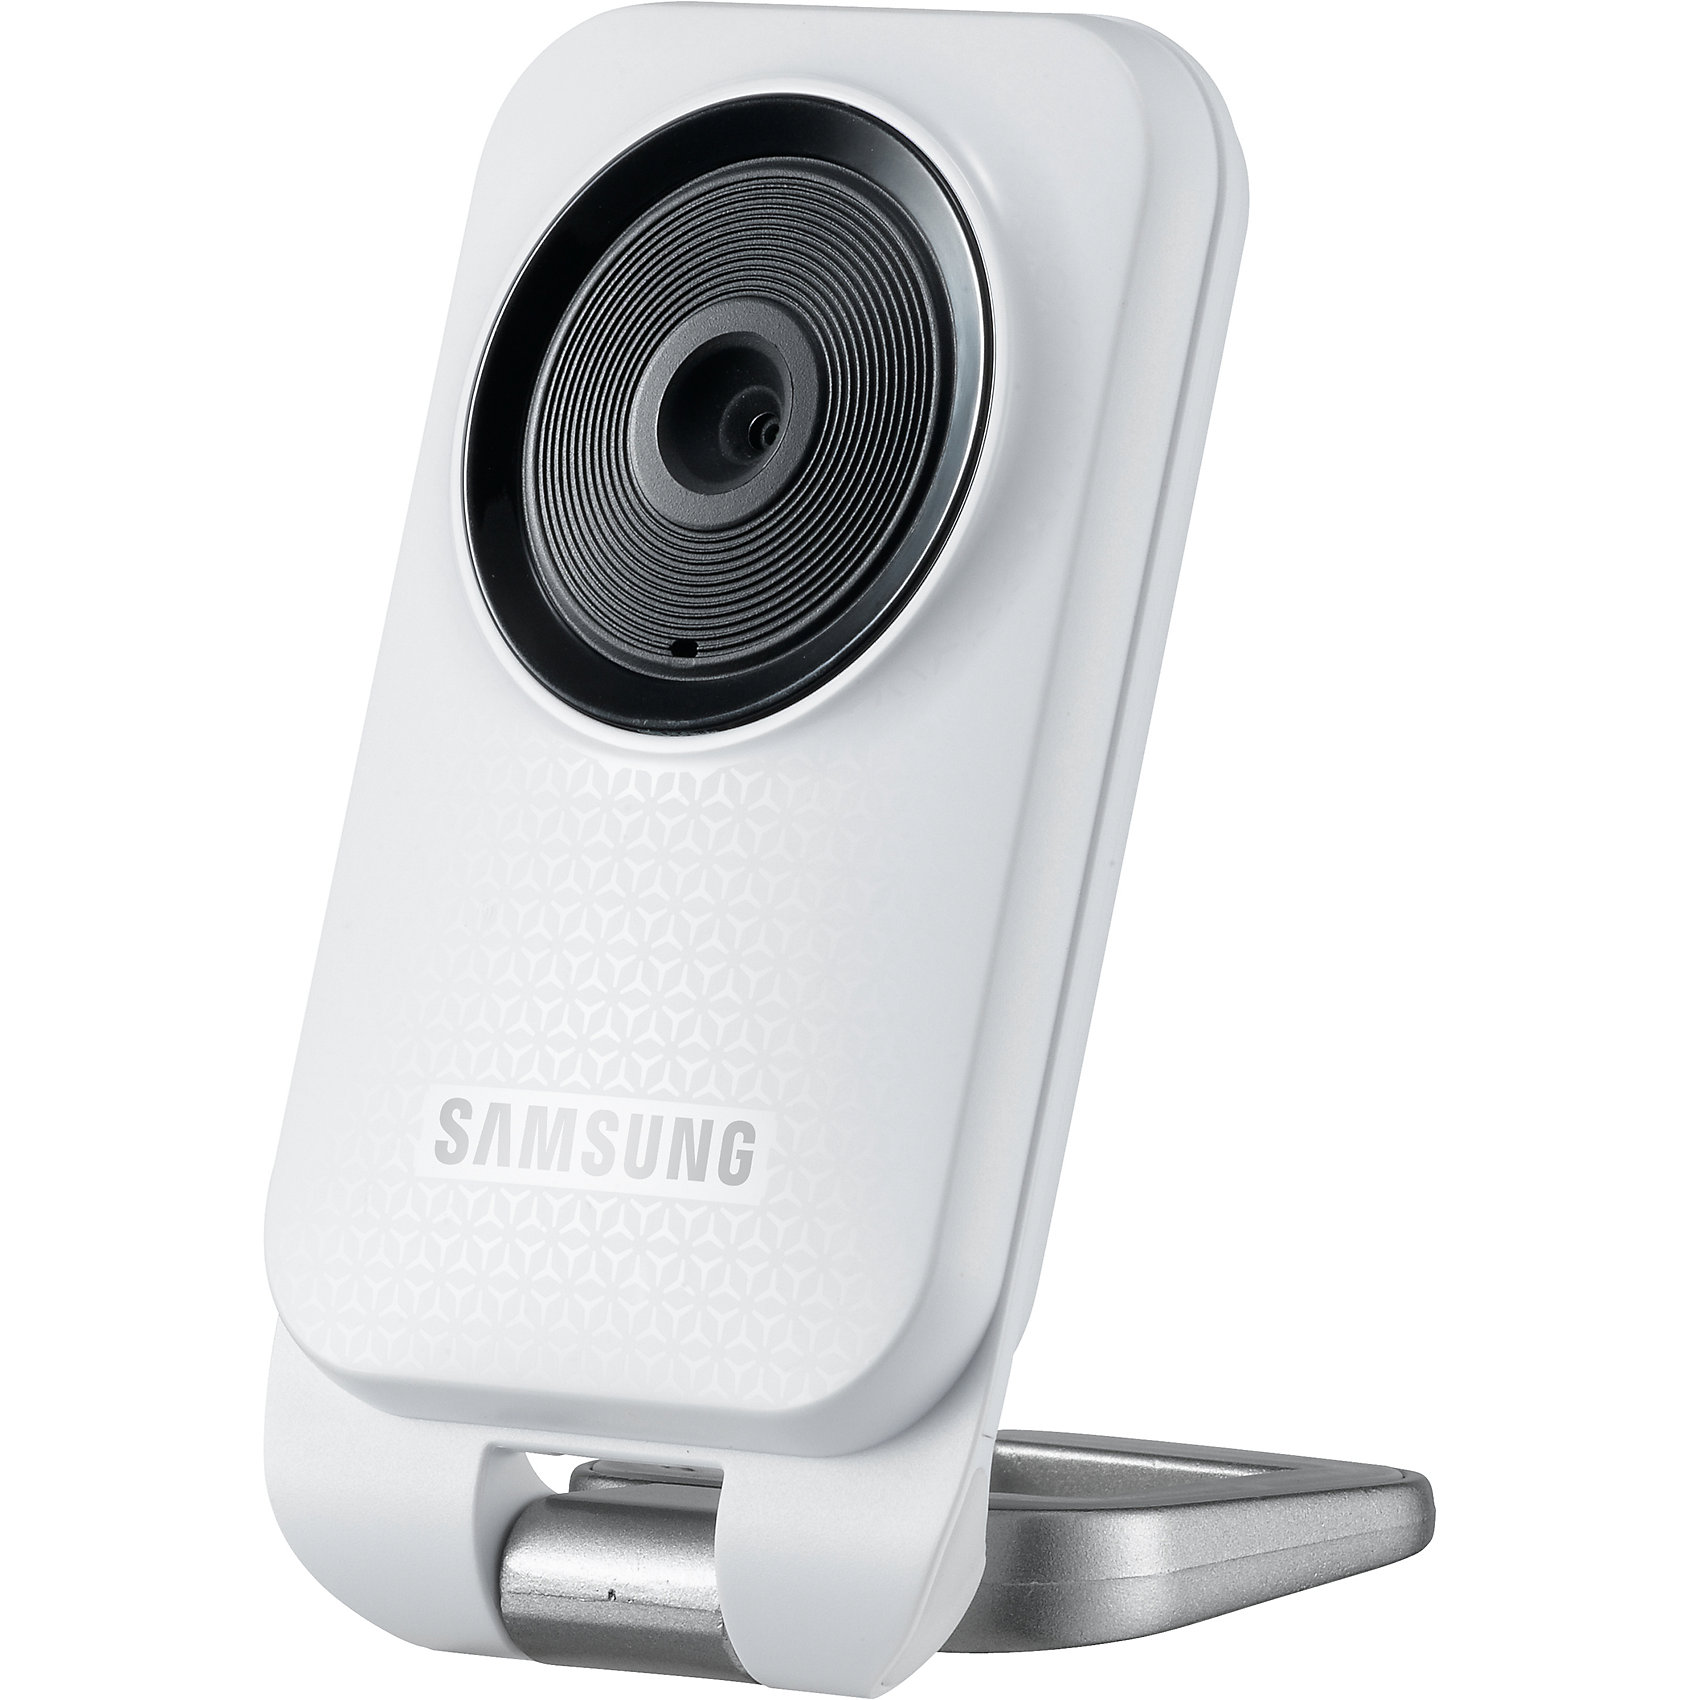 Видеоняня Wi-Fi SmartCam SNH-V6110BN, SamsungДетская бытовая техника<br>Видеоняня для присмотра ребенком с помощью смартфона, планшета или компьютера через интернет из любой точки планеты от известного производителя высококачественной электроники Samsung SmartCam SNH-V6110BN. Особенности видеоняни заключаются в стабильной работе и стабильном приложении для мобильных устройств. Камера отличается возможностью выбора нескольких отдельных областей для отслеживания движения, например, только в зоне расположения детской кроватки и еще в двух любых областях. Высокое качество потокового видео в формате Full HD 1080p. Видеоняня отправляет на мобильное устройство оповещения при обнаружении звука (плача) или движения.<br><br>Практически у всех родителей ребенок спит при свете детского ночничка, освещения которого вполне достаточно для того, чтобы не использовать ночную подсветку камеры. У видеоняни Samsung SmartCam SNH-V6110BN ночная подсветка не включается, а изображение на экране мобильного устройства в ночное время при свете детского ночничка выводится в цветном виде, что является неоспоримым преимуществом по сравнению с другими камерами, использующими инфракрасную подсветку, при которой изображение выводится в черно-белом виде.<br><br>Особенности Wi-Fi Full HD 1080p видеоняни Samsung SmartCam SNH-V6110BN<br><br>Потоковое видео 1080p Full HD с возможностью адаптации (для сетей со слабой пропускной способностью)<br>Компактные размеры<br>Оповещения о событиях (push-уведомления: движение, звук)<br>Выбор нескольких зон отслеживания<br>Лёгкое подключение<br>Двухсторонняя связь<br>Колыбельные мелодии<br>Запись видео и фото<br>Проигрывание собственных звуковых записей<br>Поддержка устройств iOS (iPad, iPhone), Android, Windows (настольные компьютеры), Mac<br>Ночное видение не включается, но даже при слабом освещении (например, при включенном детском ночнике) в комнате достаточная видимость, а изображение на экране цветное.<br>Удобная подставка и возможность регулировки угла наклон